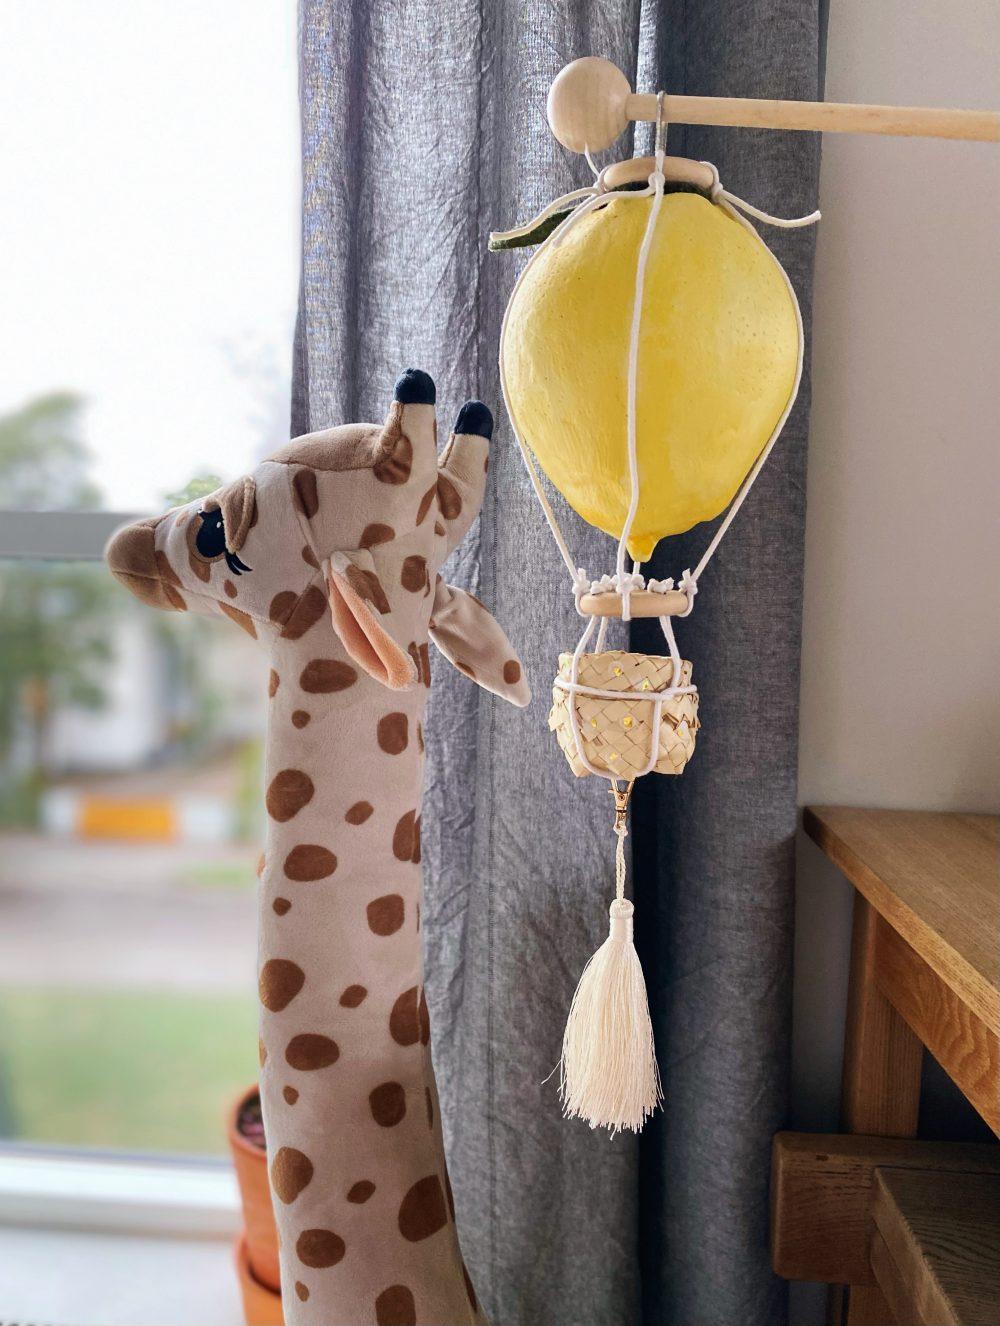 Lemon Balloon 2